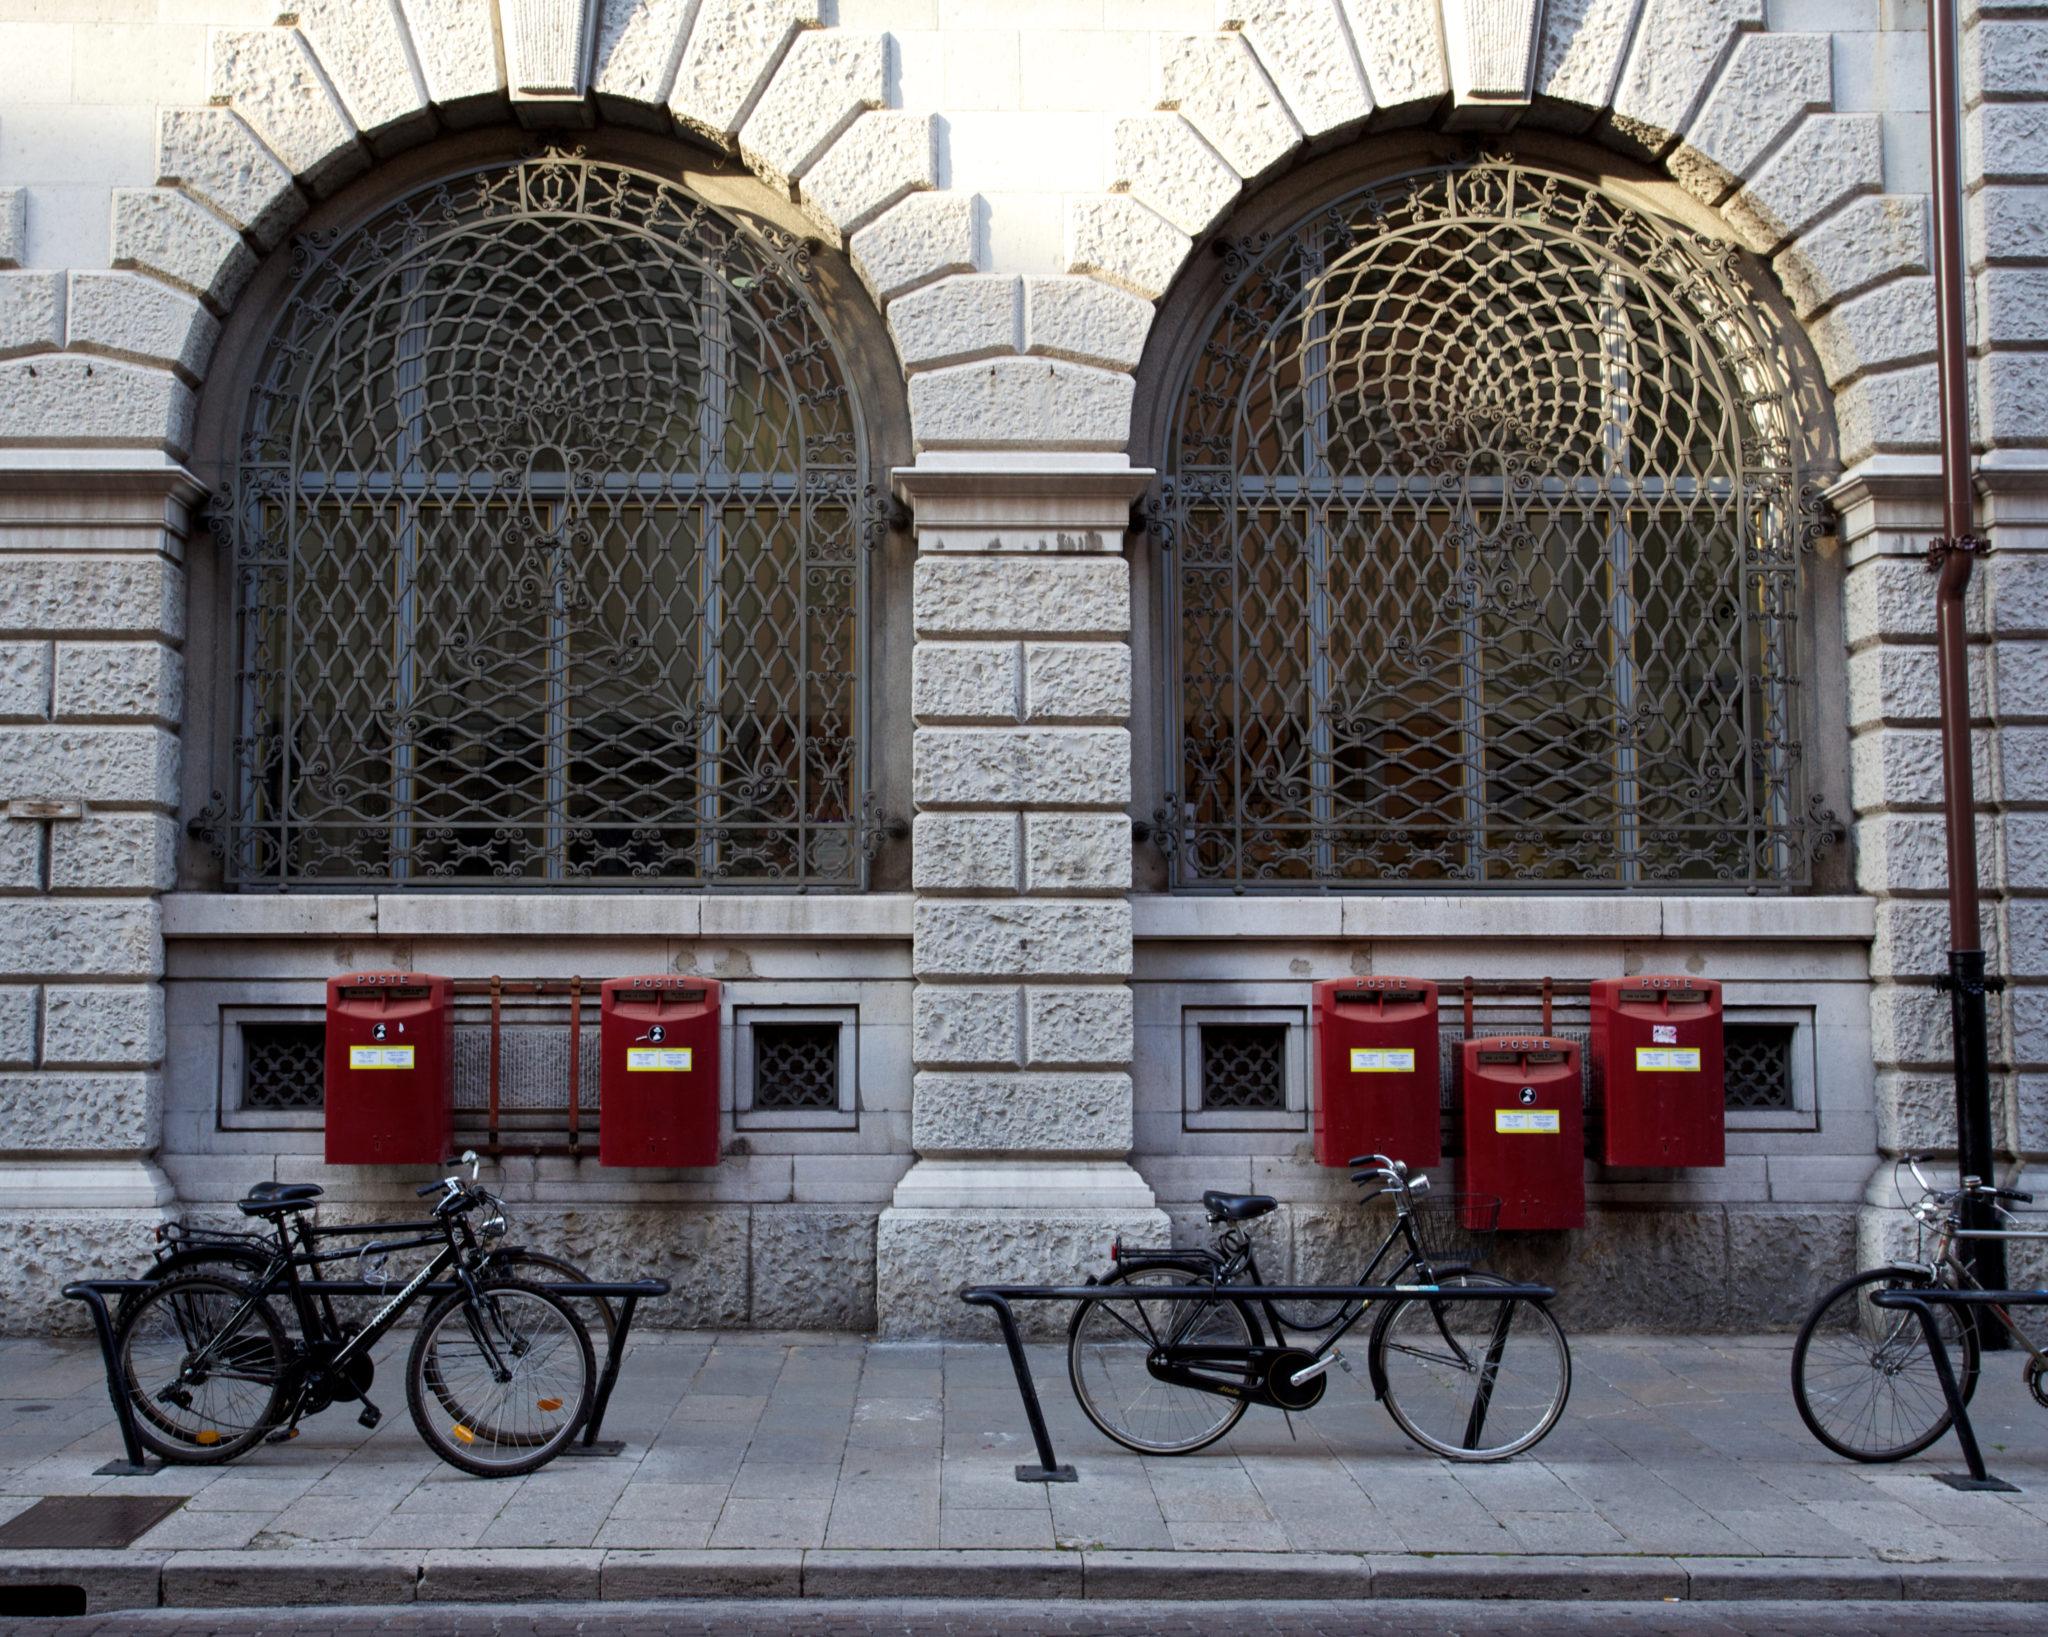 Librerie, piazze storiche e pasticcerie passate alla storia di Udine da un punto di vista speciale: la sella e le due ruote di una bici